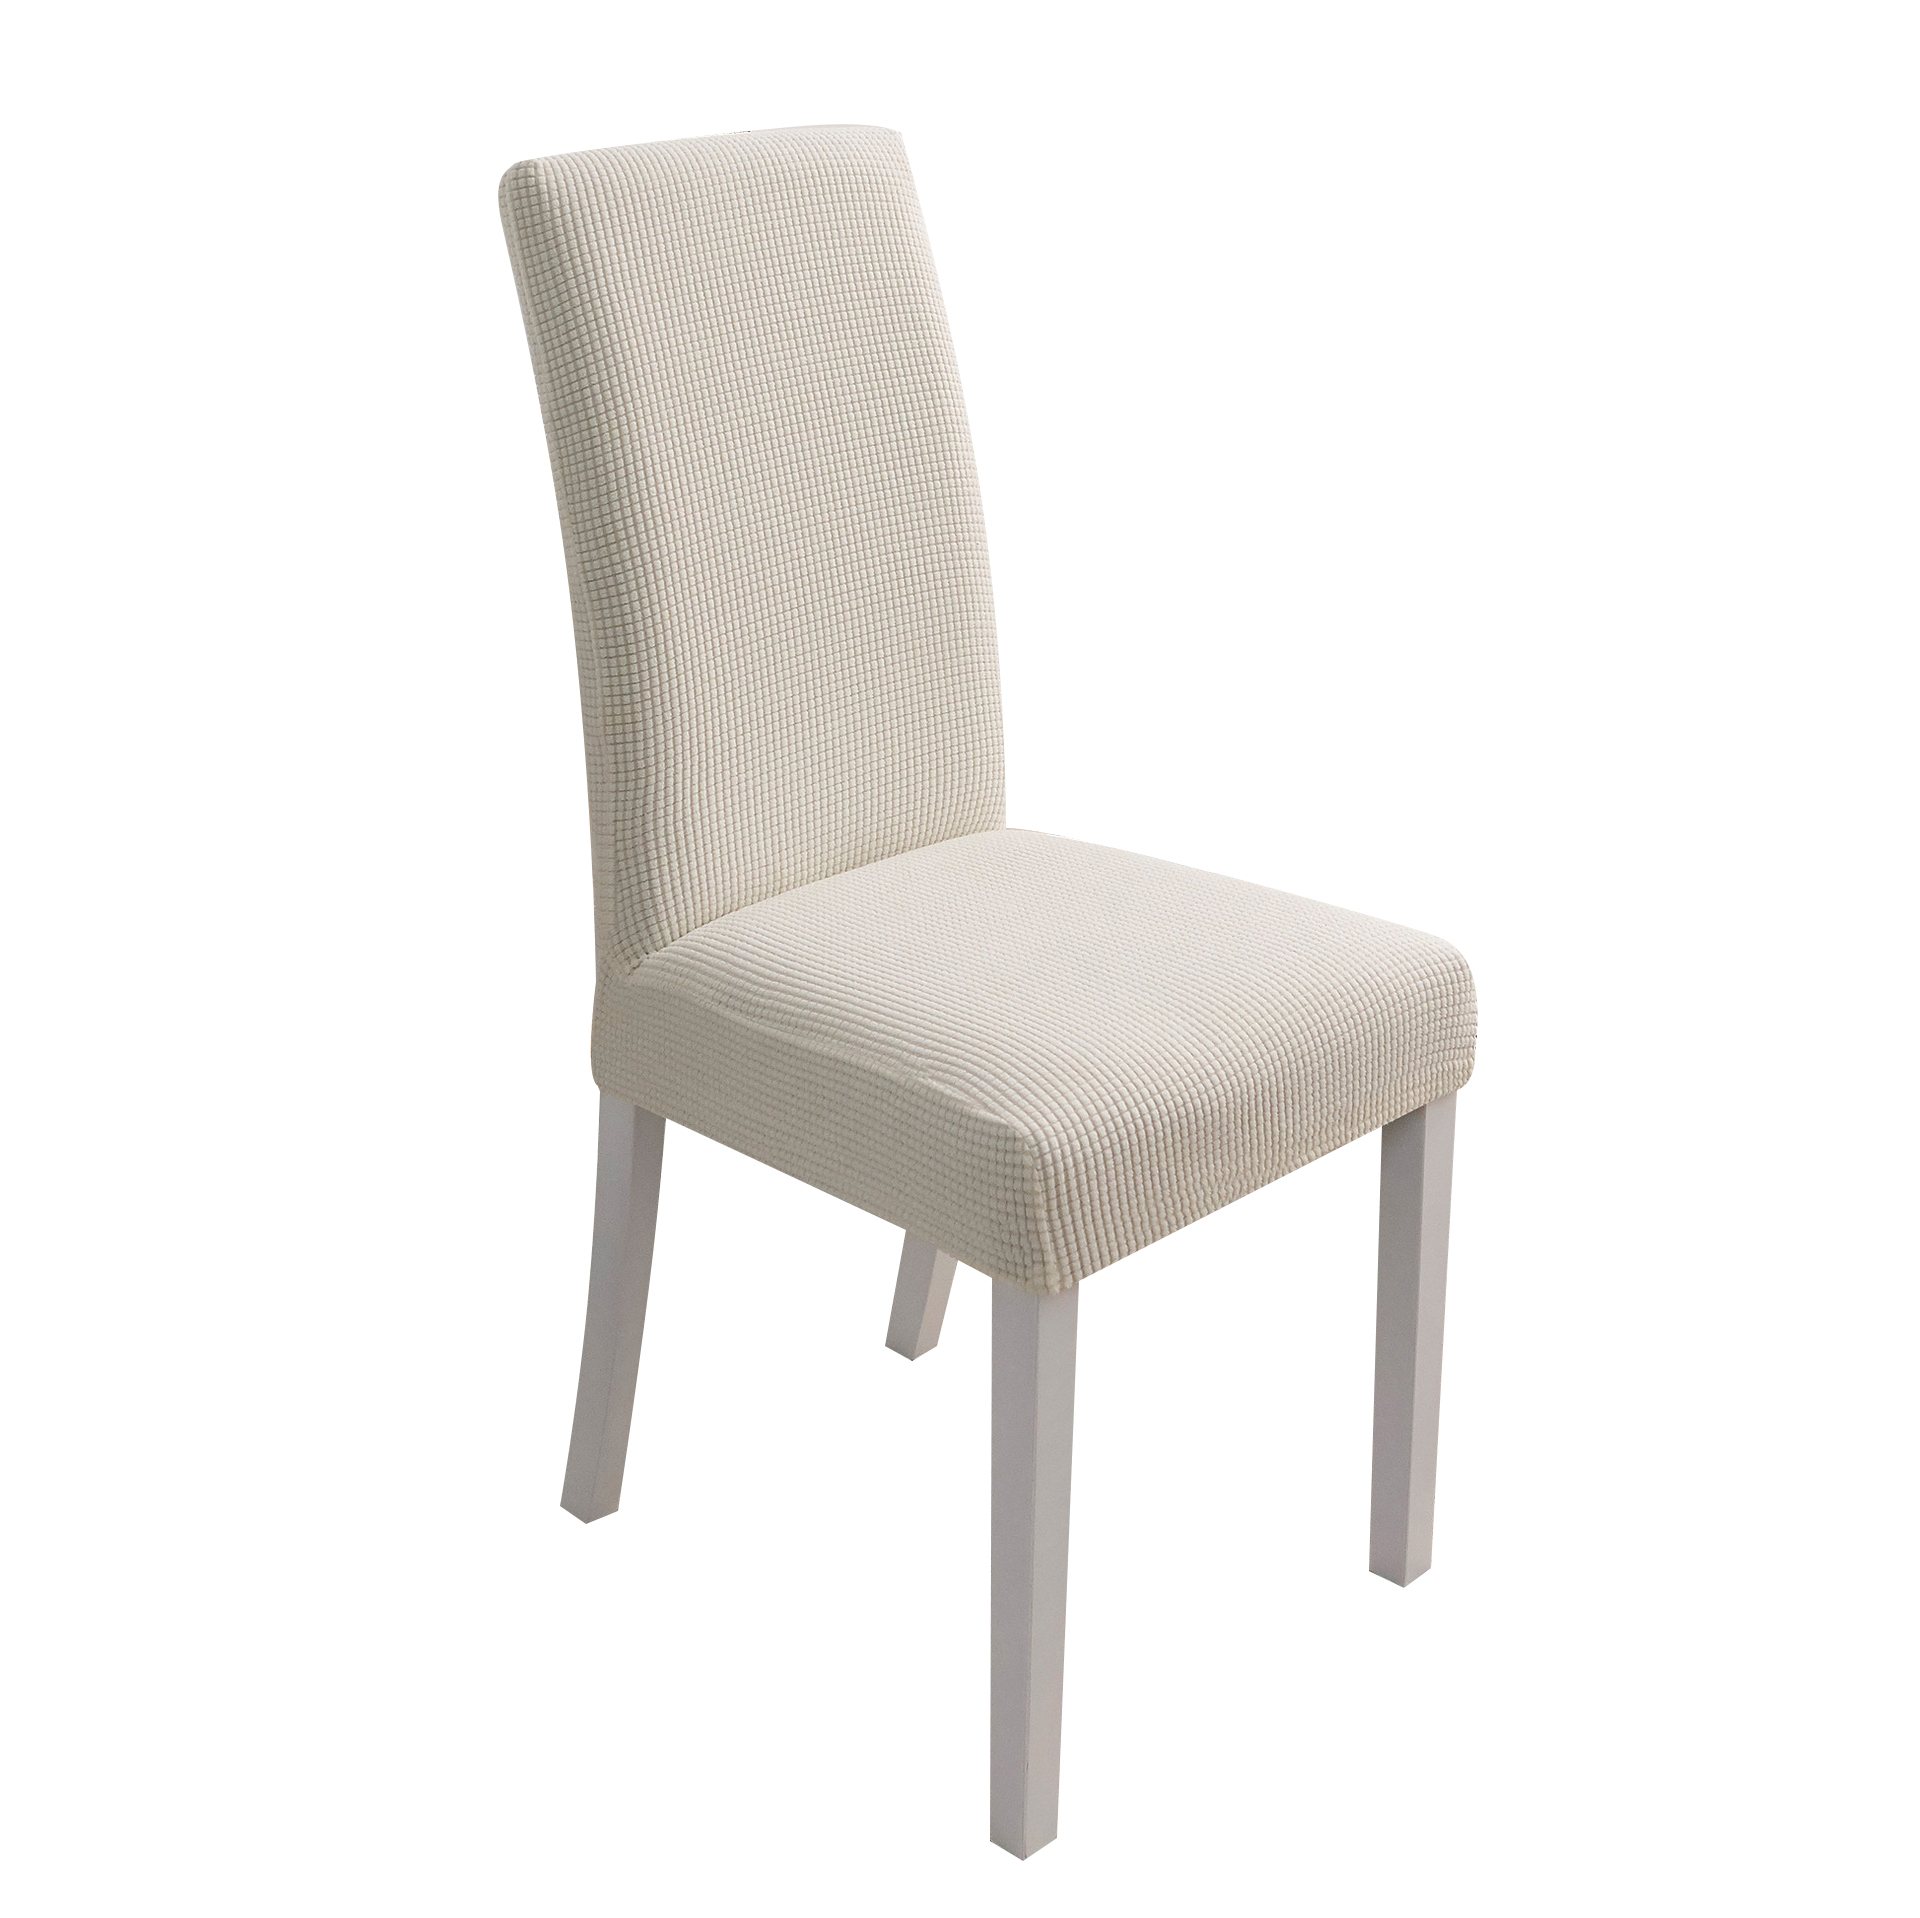 4 шт. материал чехлы на кресла стрейч для кухни/свадьбы эластичные чехлы на кресла спандекс столовая крышка стула с задней